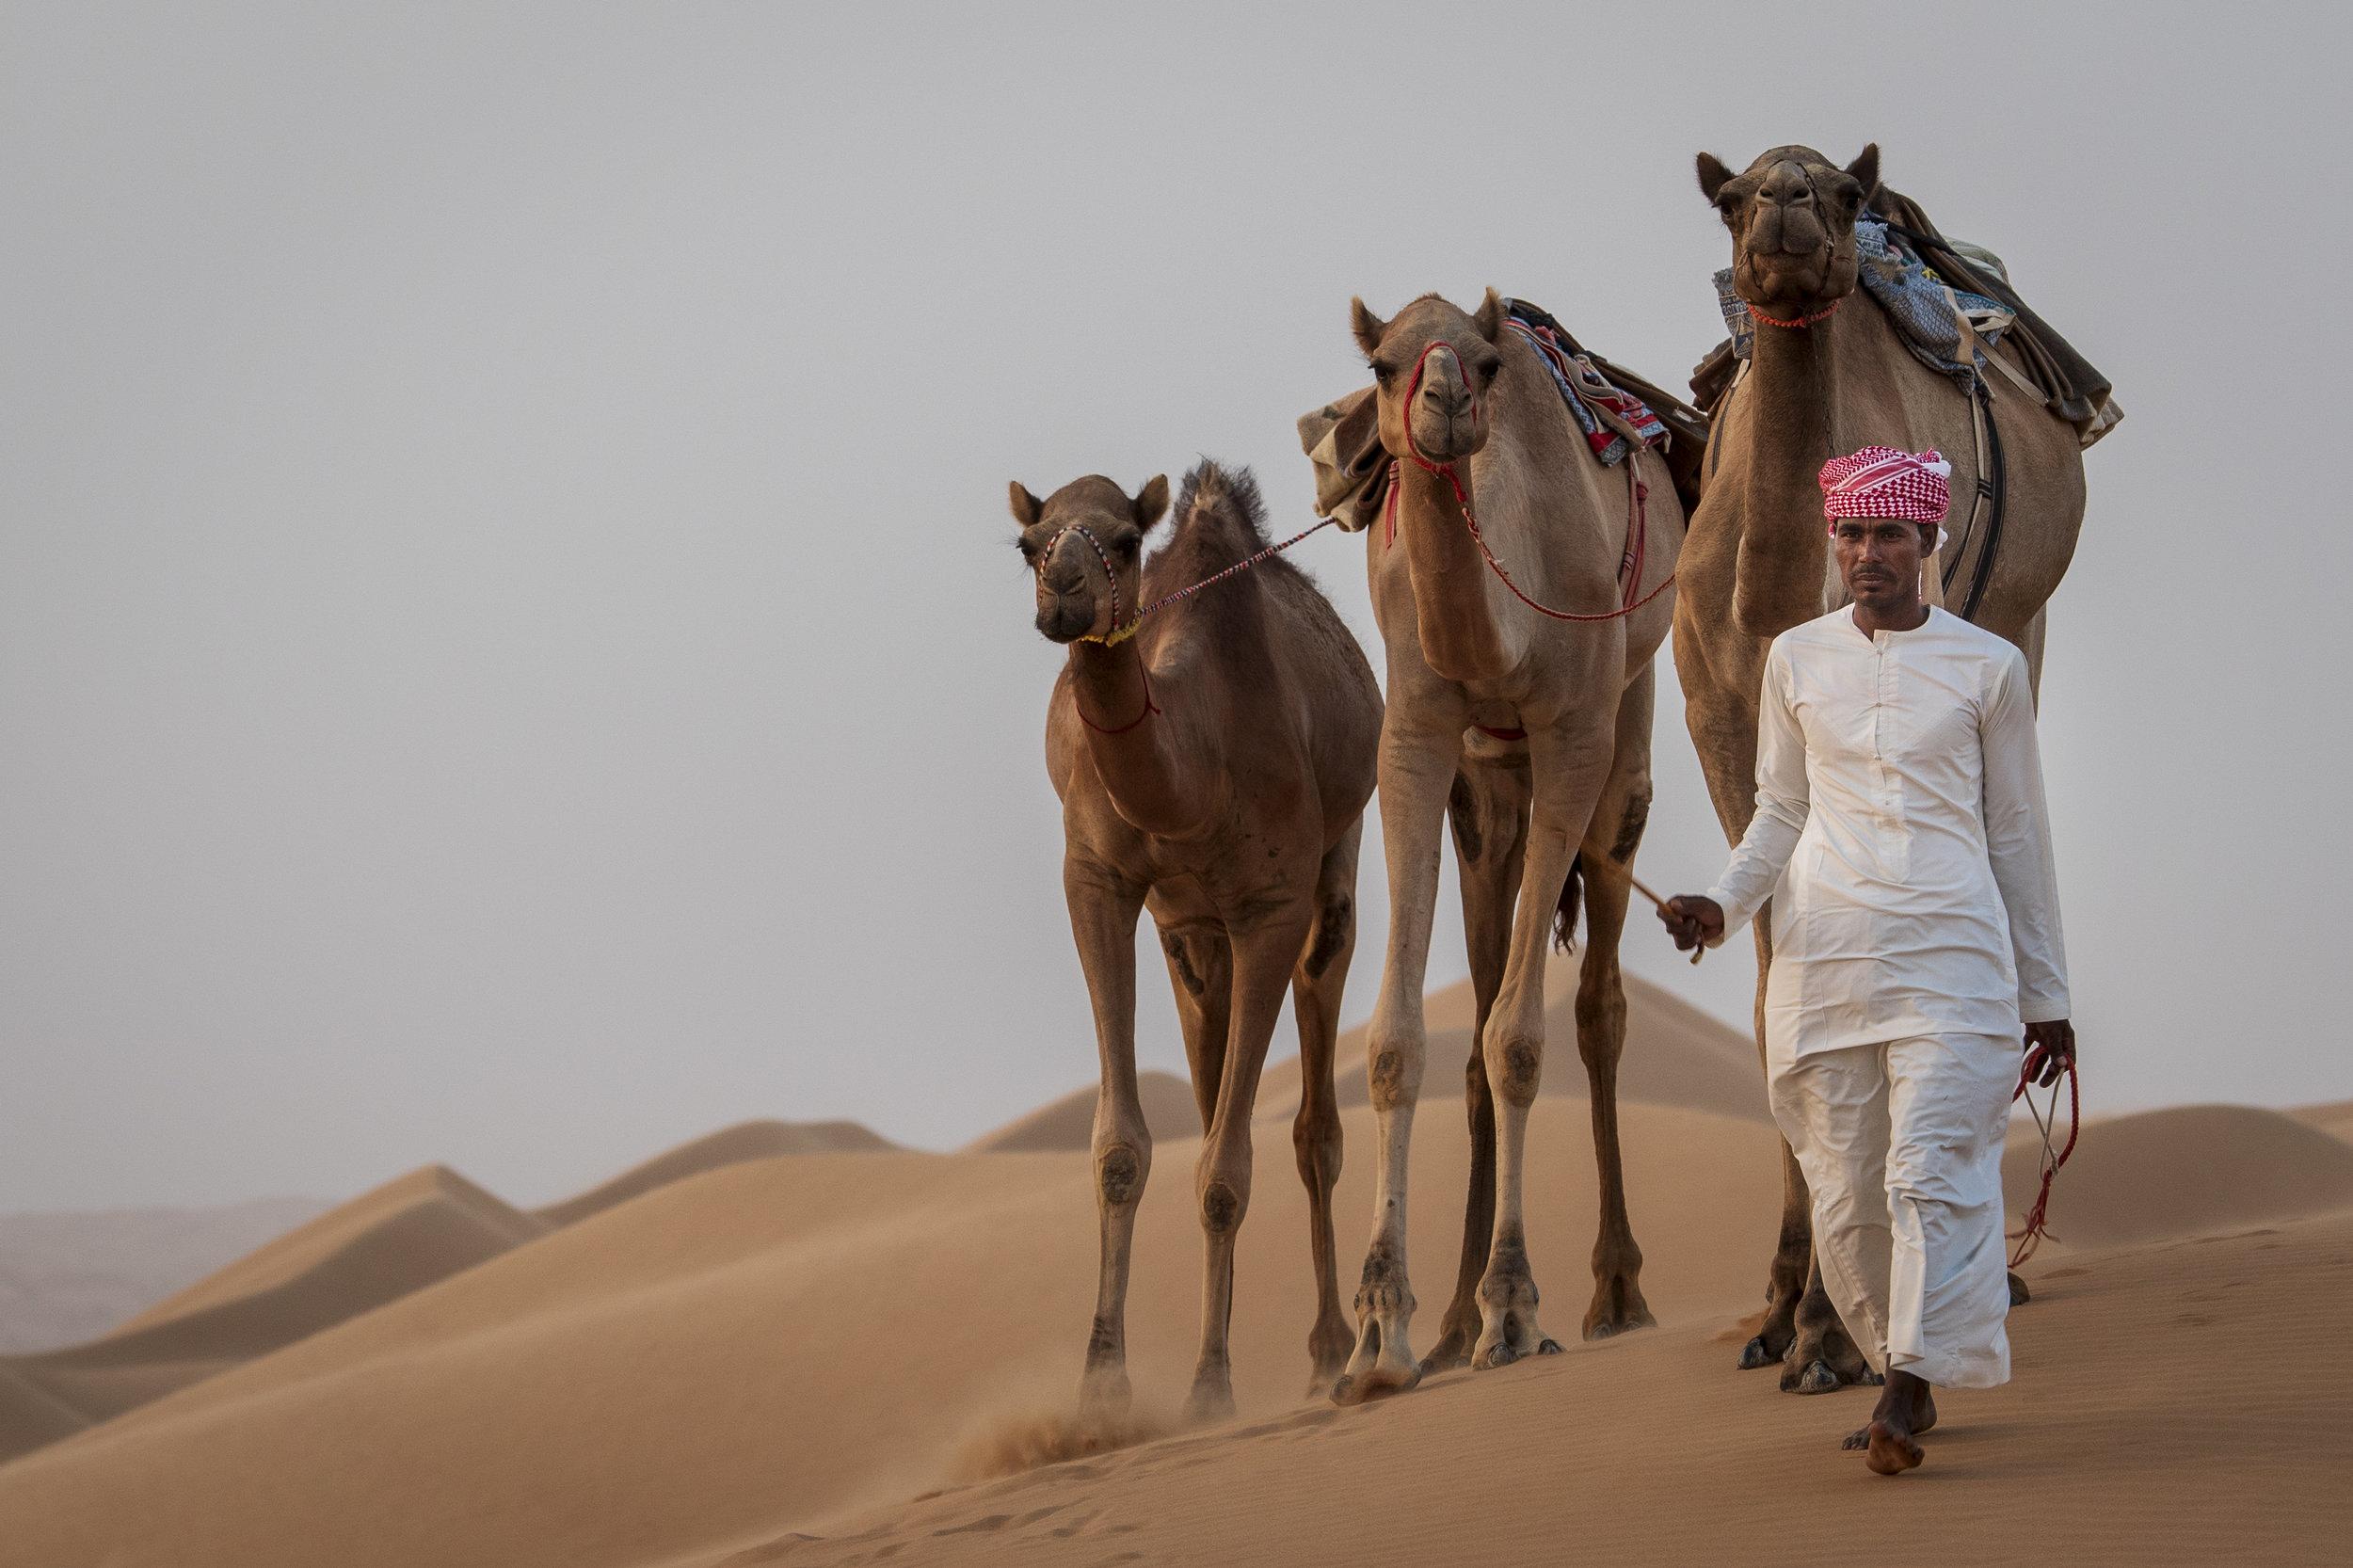 The Bedouin Camel Herder PHOTOGRAPHY: Alexander J.E. Bradley • Nikon D500 • AF-S NIKKOR 70-200mm ƒ/2.8 FL ED VR @ 116MM • Ƒ/5.6 • 1/125 • ISO 200